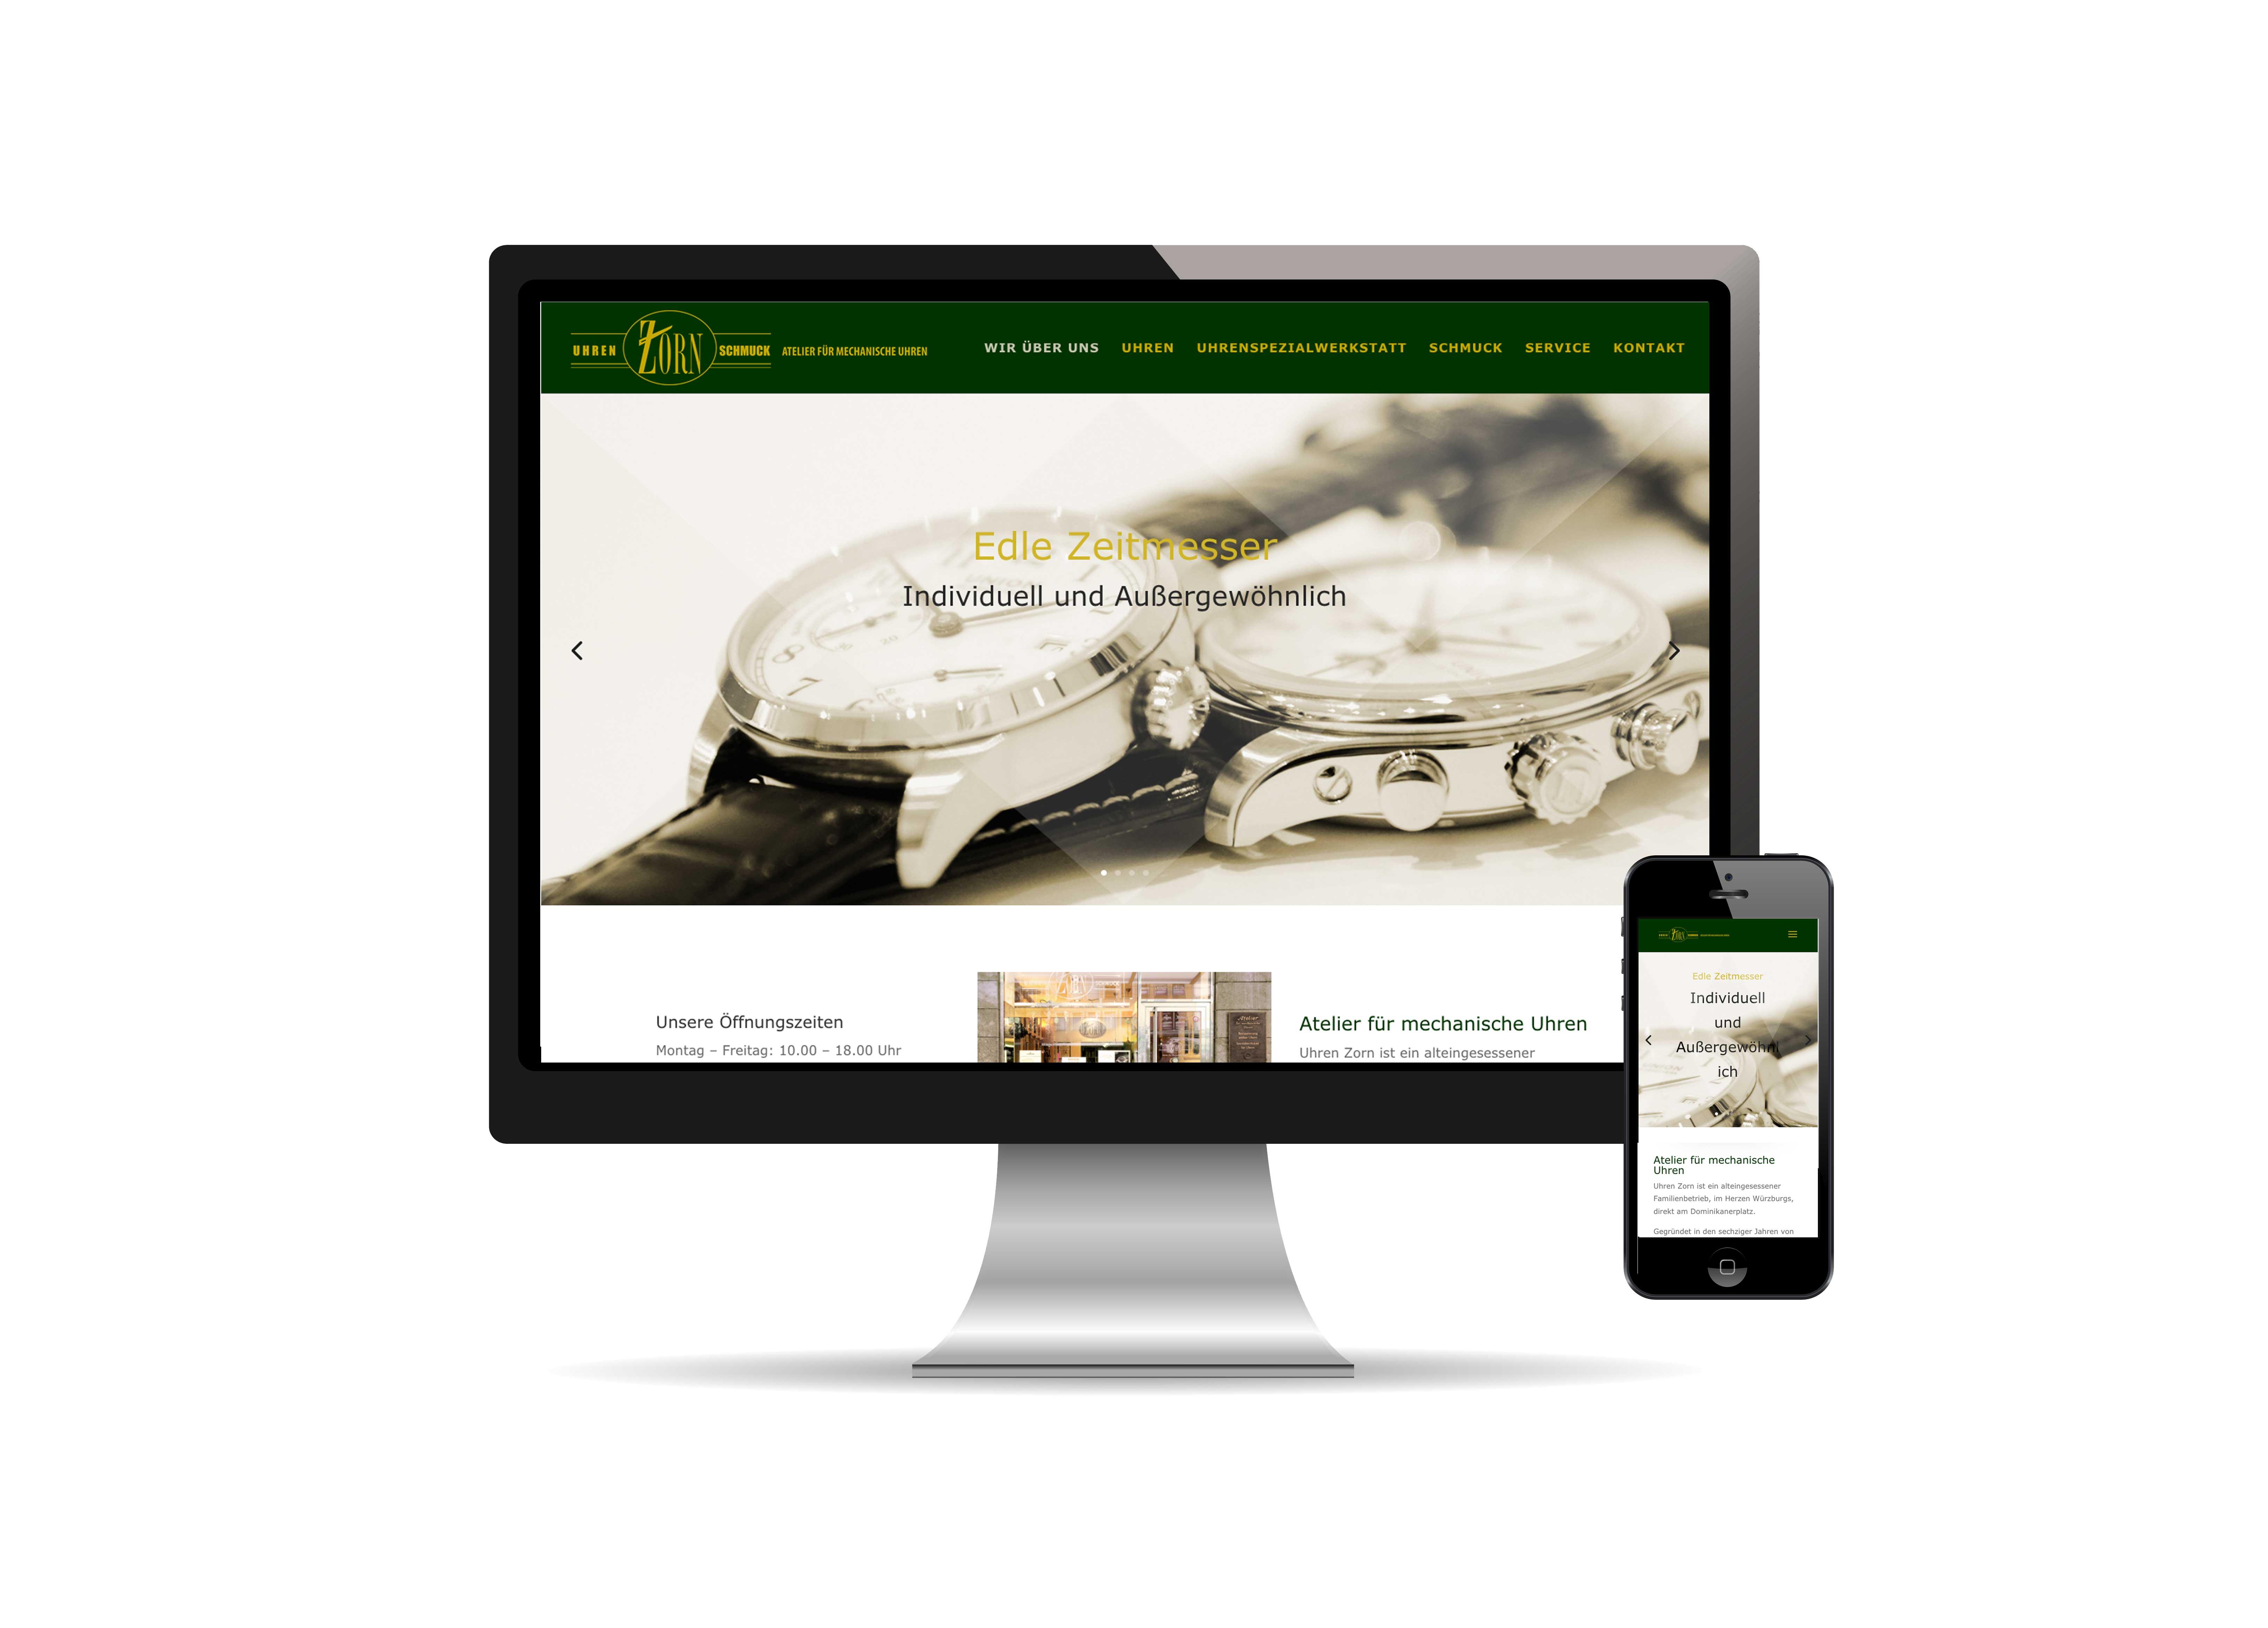 vorndran_Uhren-Zorn-Homepage